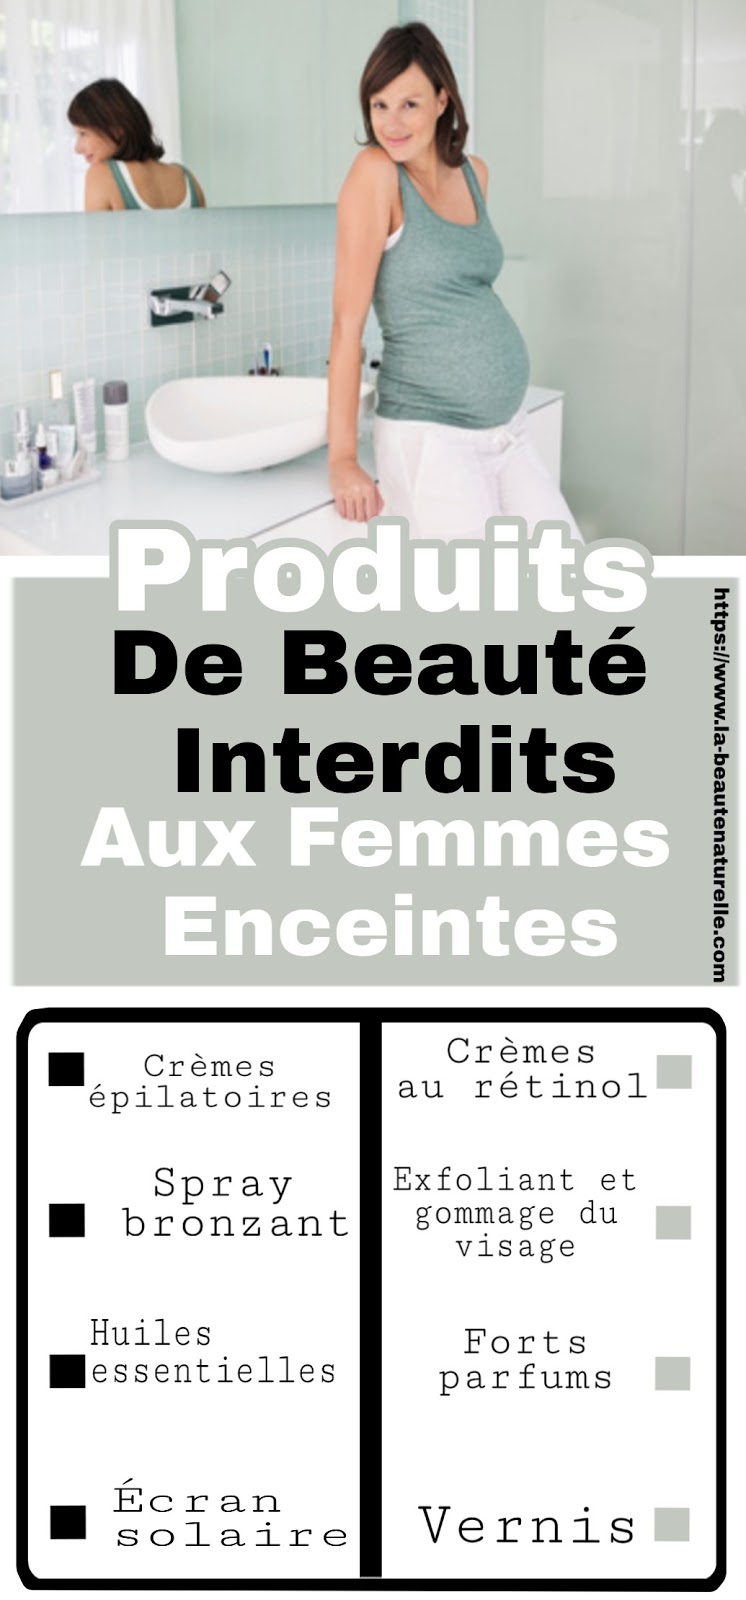 Produits De Beauté Interdits Aux Femmes Enceintes